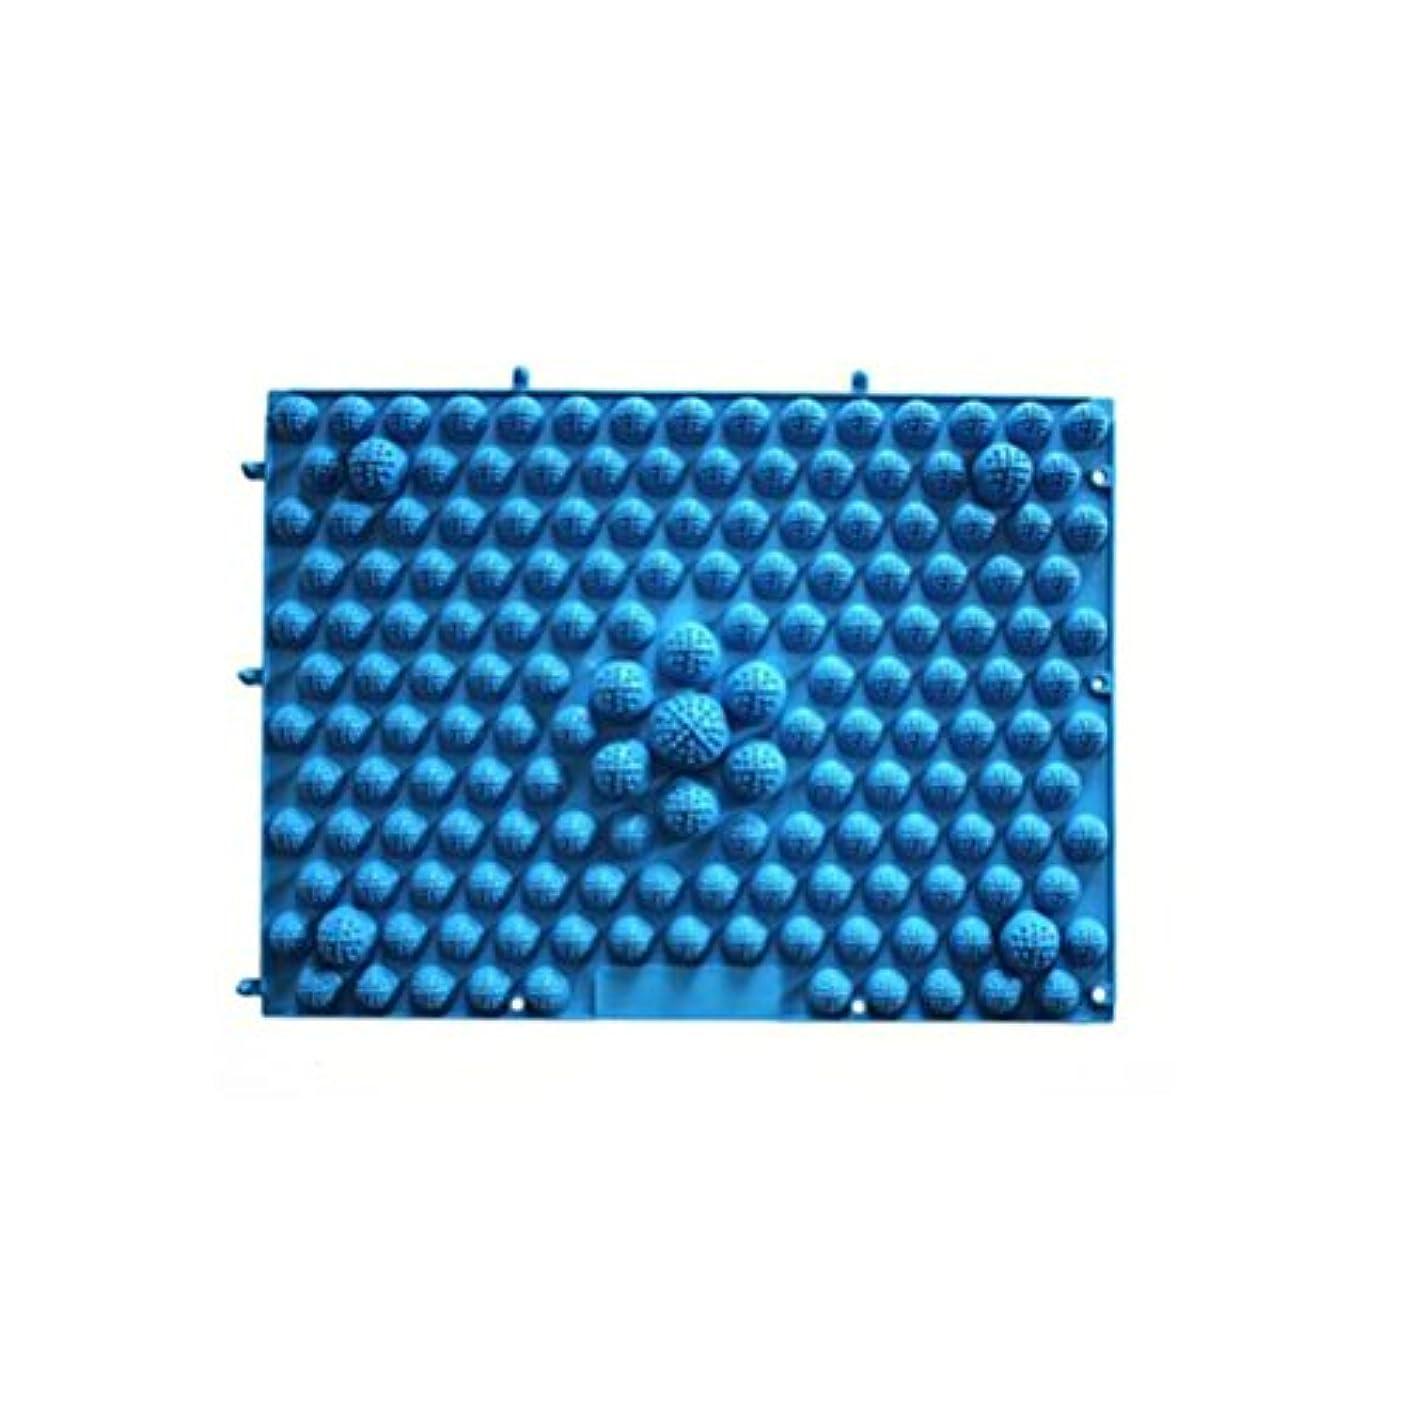 行継承パスタROSENICE 足マッサージマット 血液循環指圧マットフィートヘルスケアマッサージプレート(ブルー)